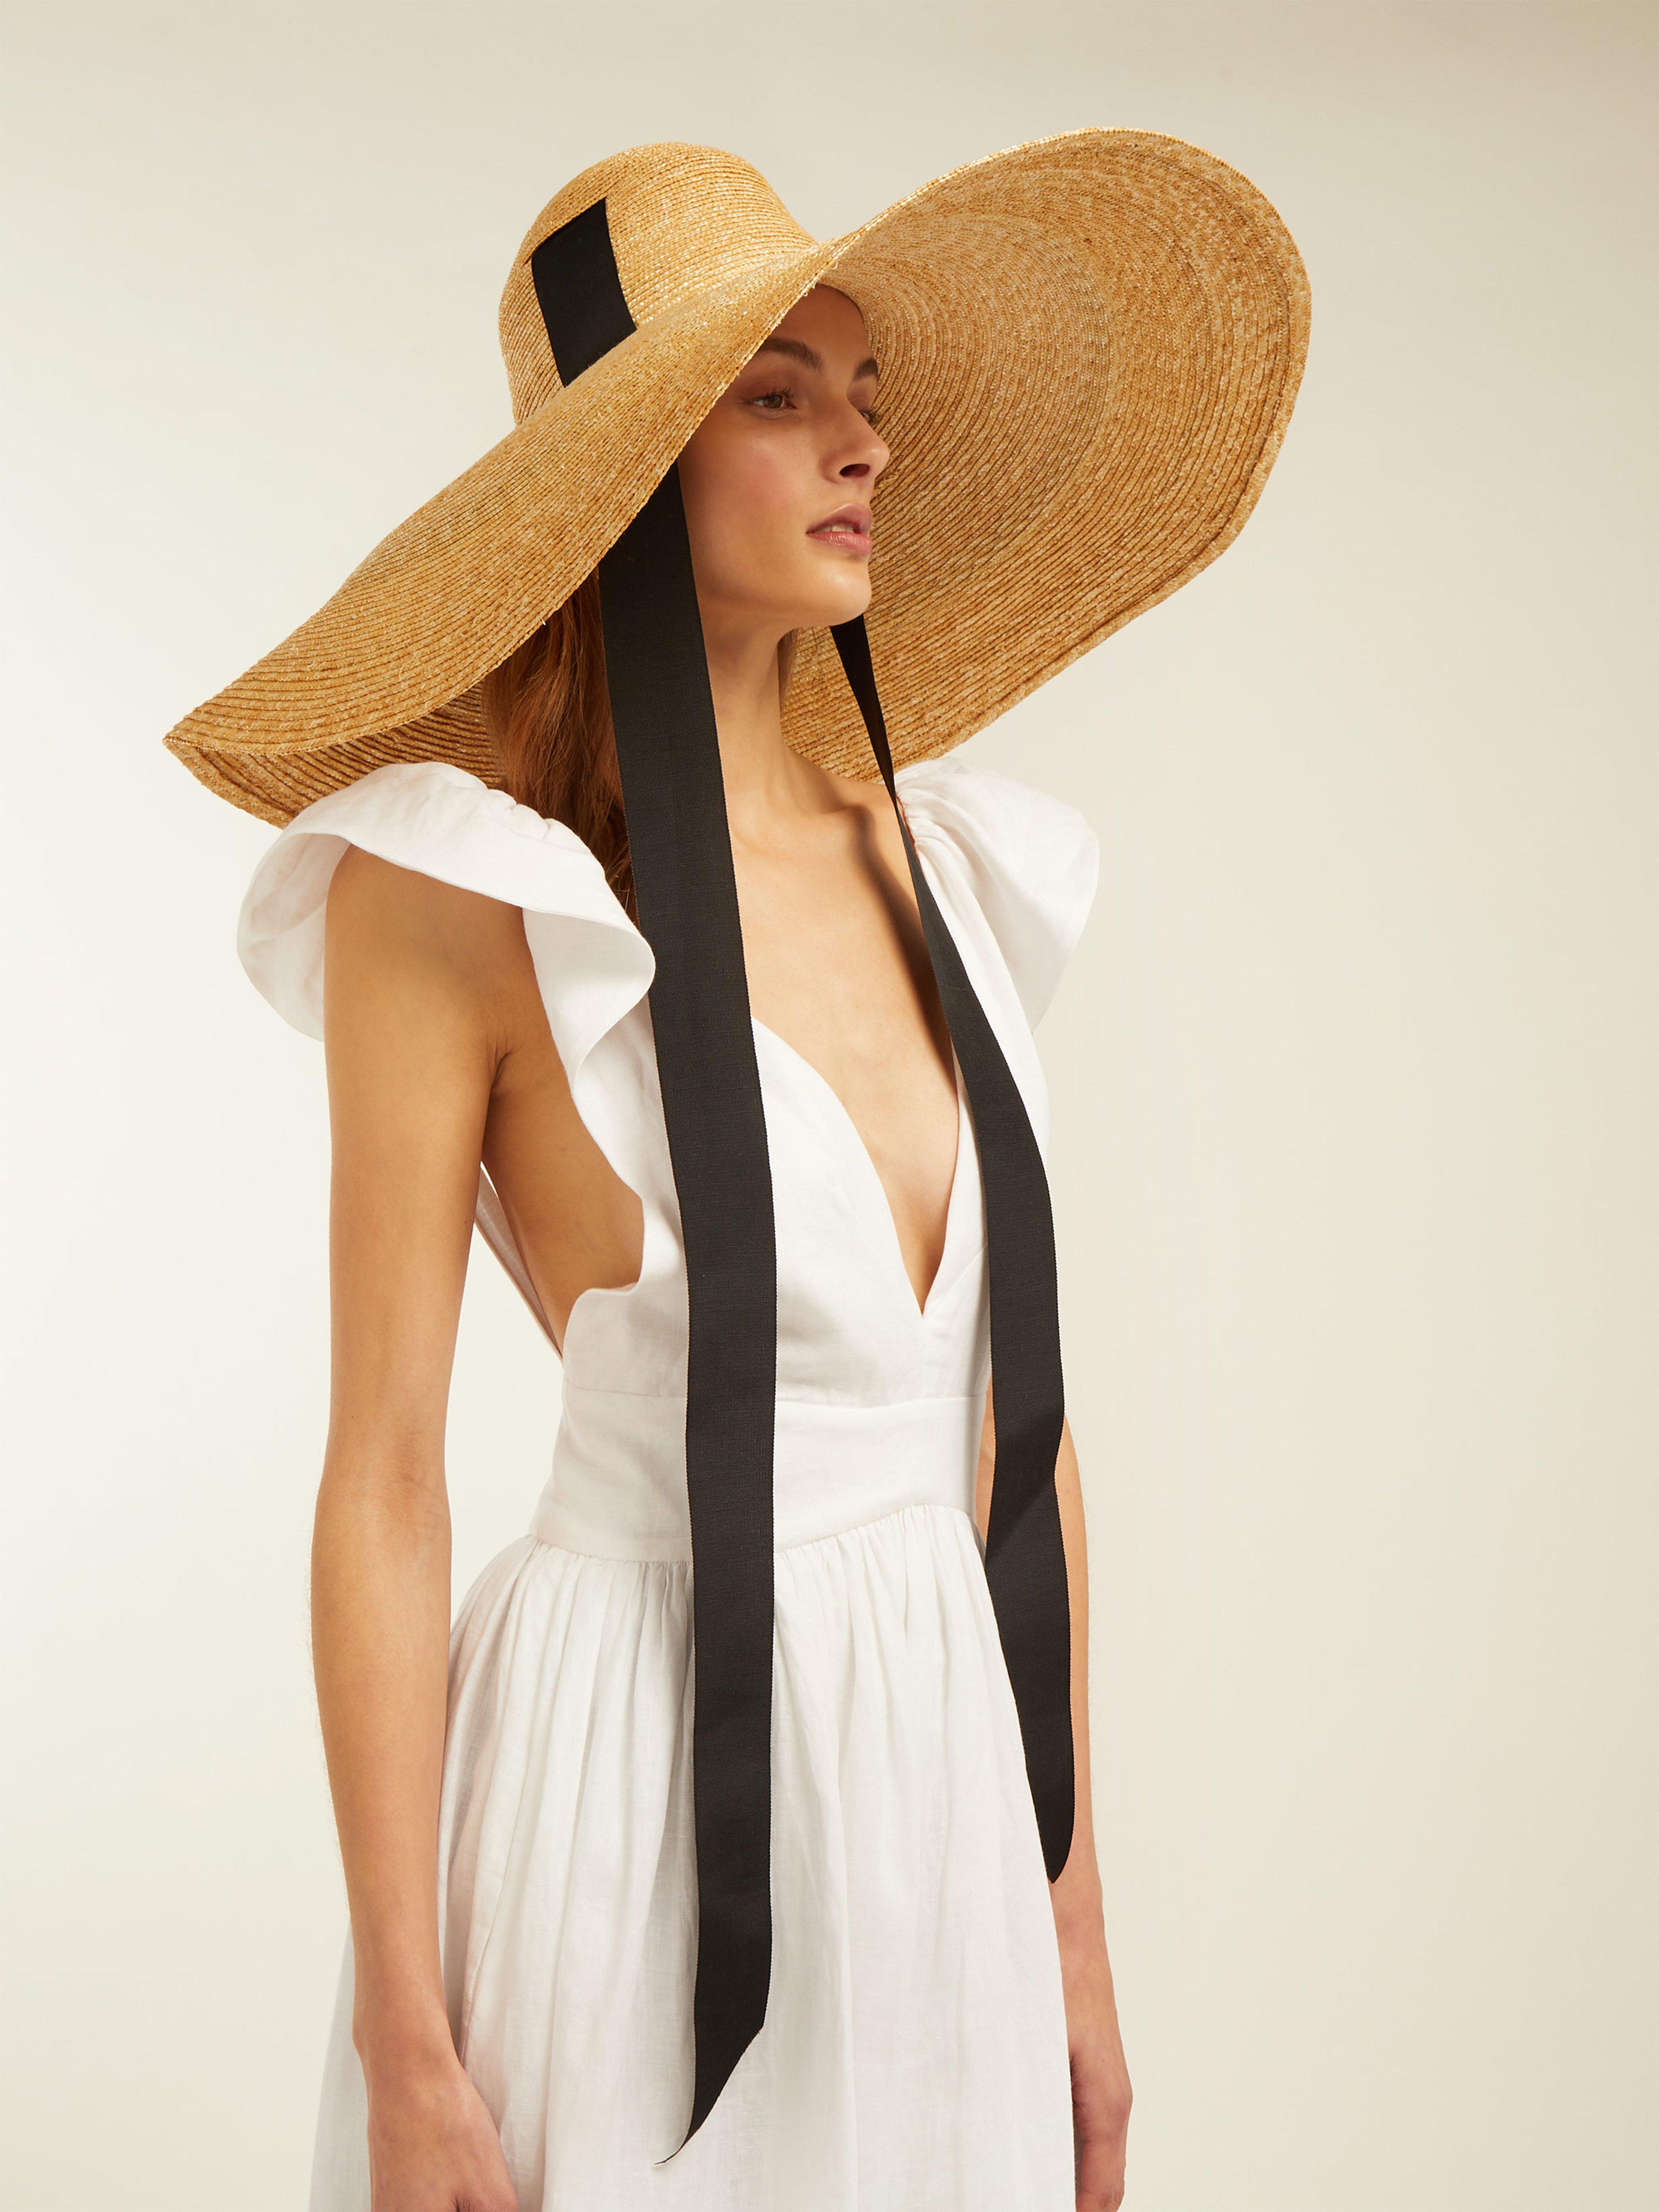 b68a8de3790 Lola Hats Sugar Cone Wide Brim Straw Hat in Black - Lyst